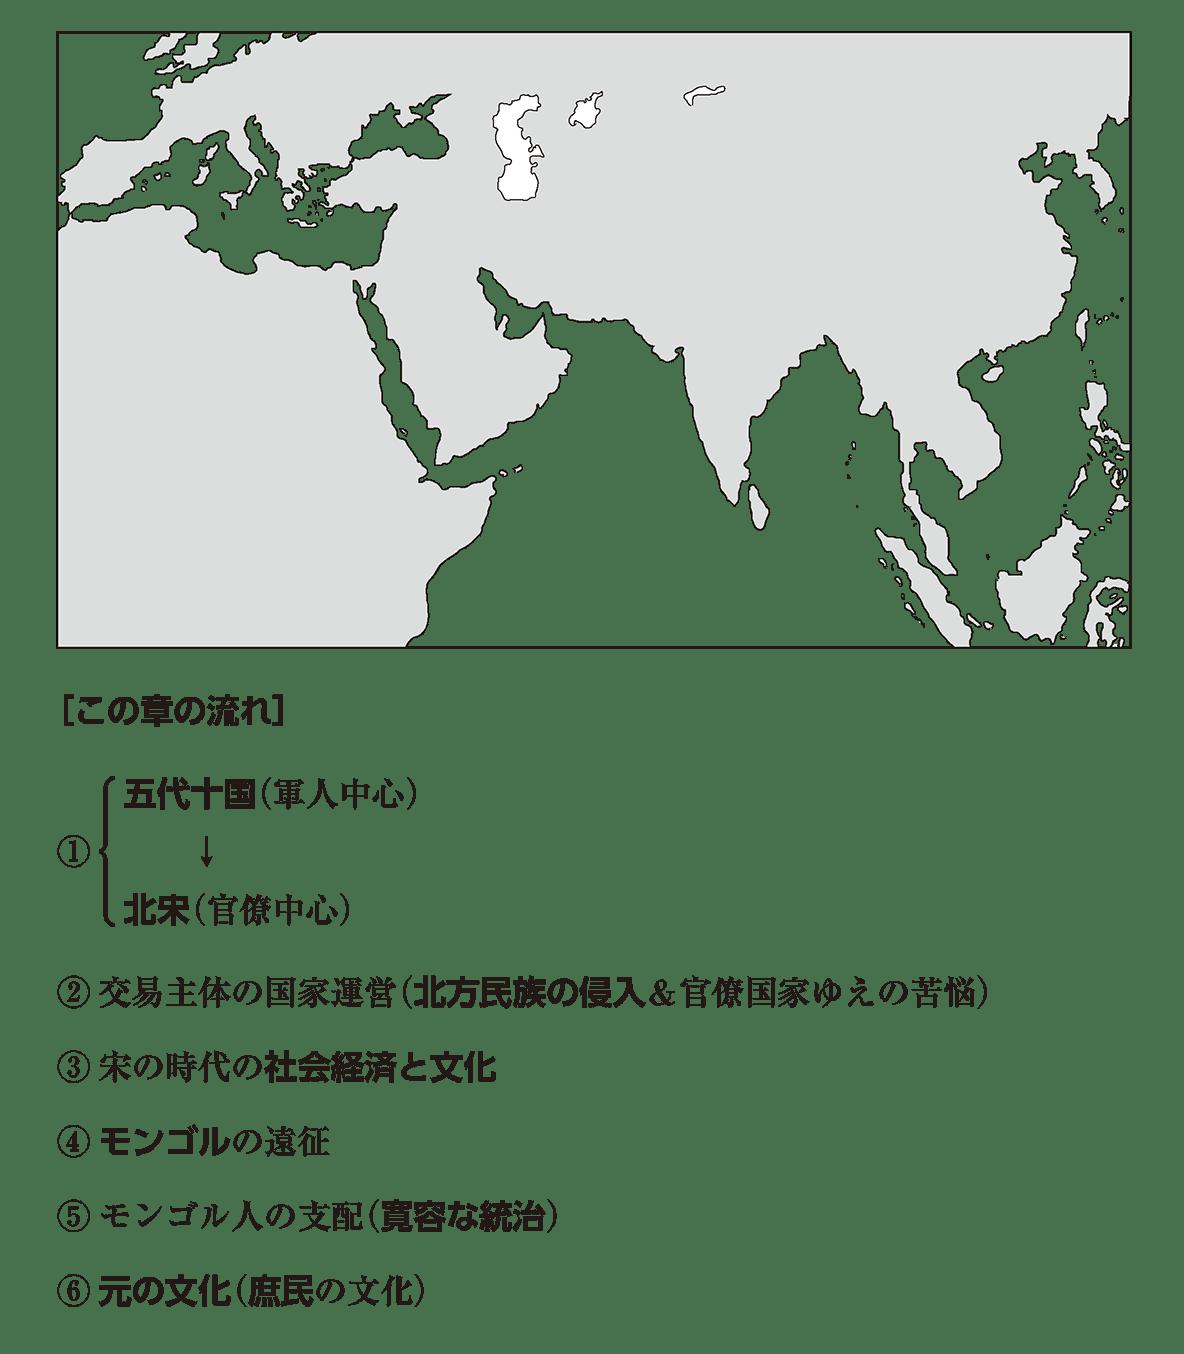 高校世界史 東アジア世界の展開0 右頁地図+下部テキスト